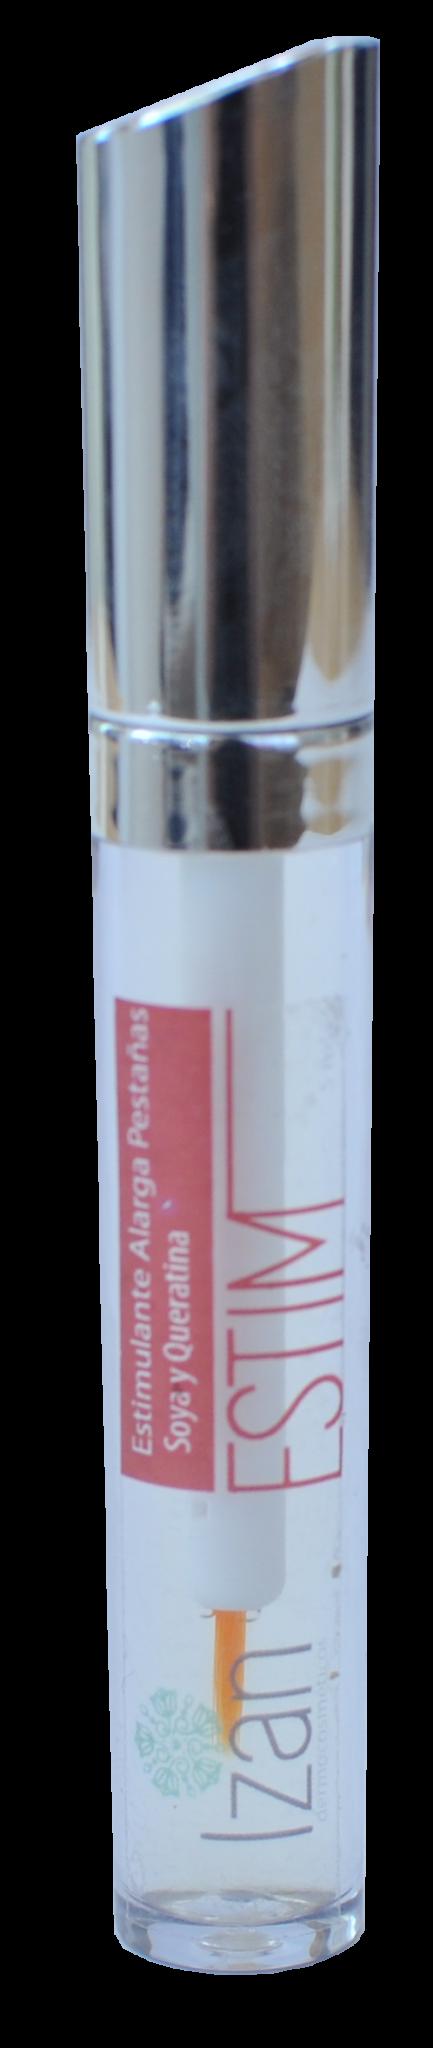 Estimulante alarga pestañas IZAN Dermocosméticos productos